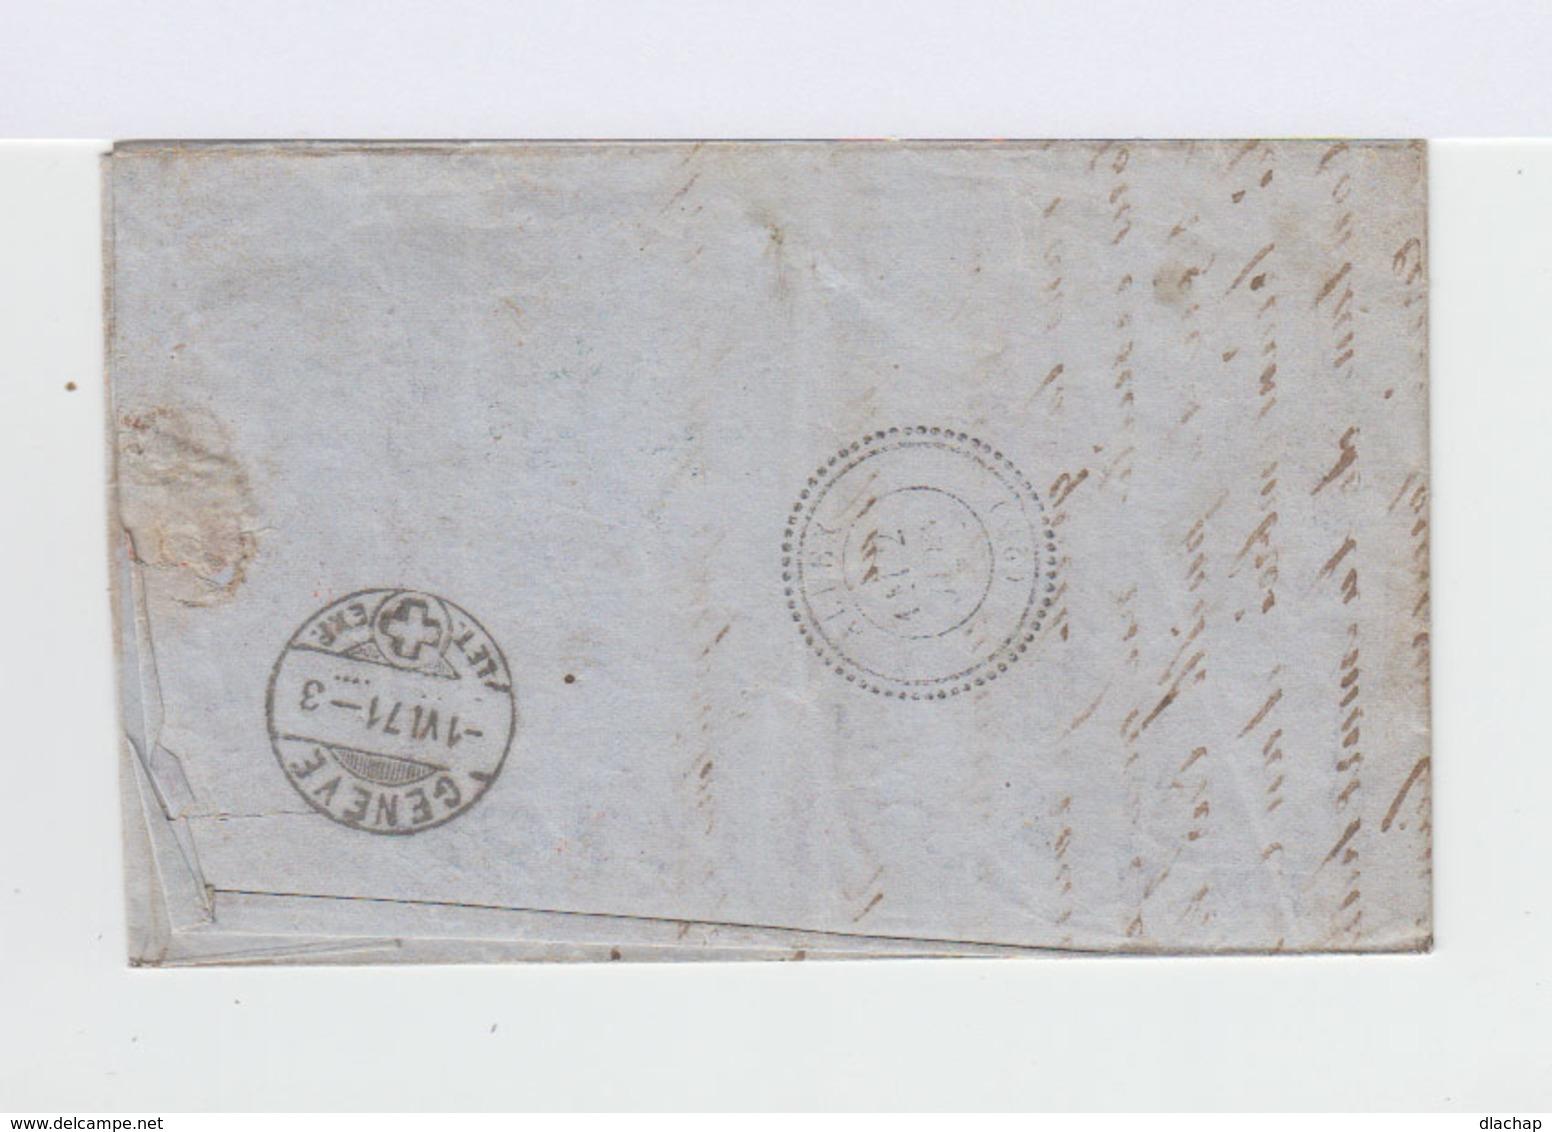 Sur Lettre Helvetia Assise Dentelée 30 C. Outremer. CAD Carouge 1871. Cachet D'entrée Suisse Marseille. PD. (821) - Marcophilie